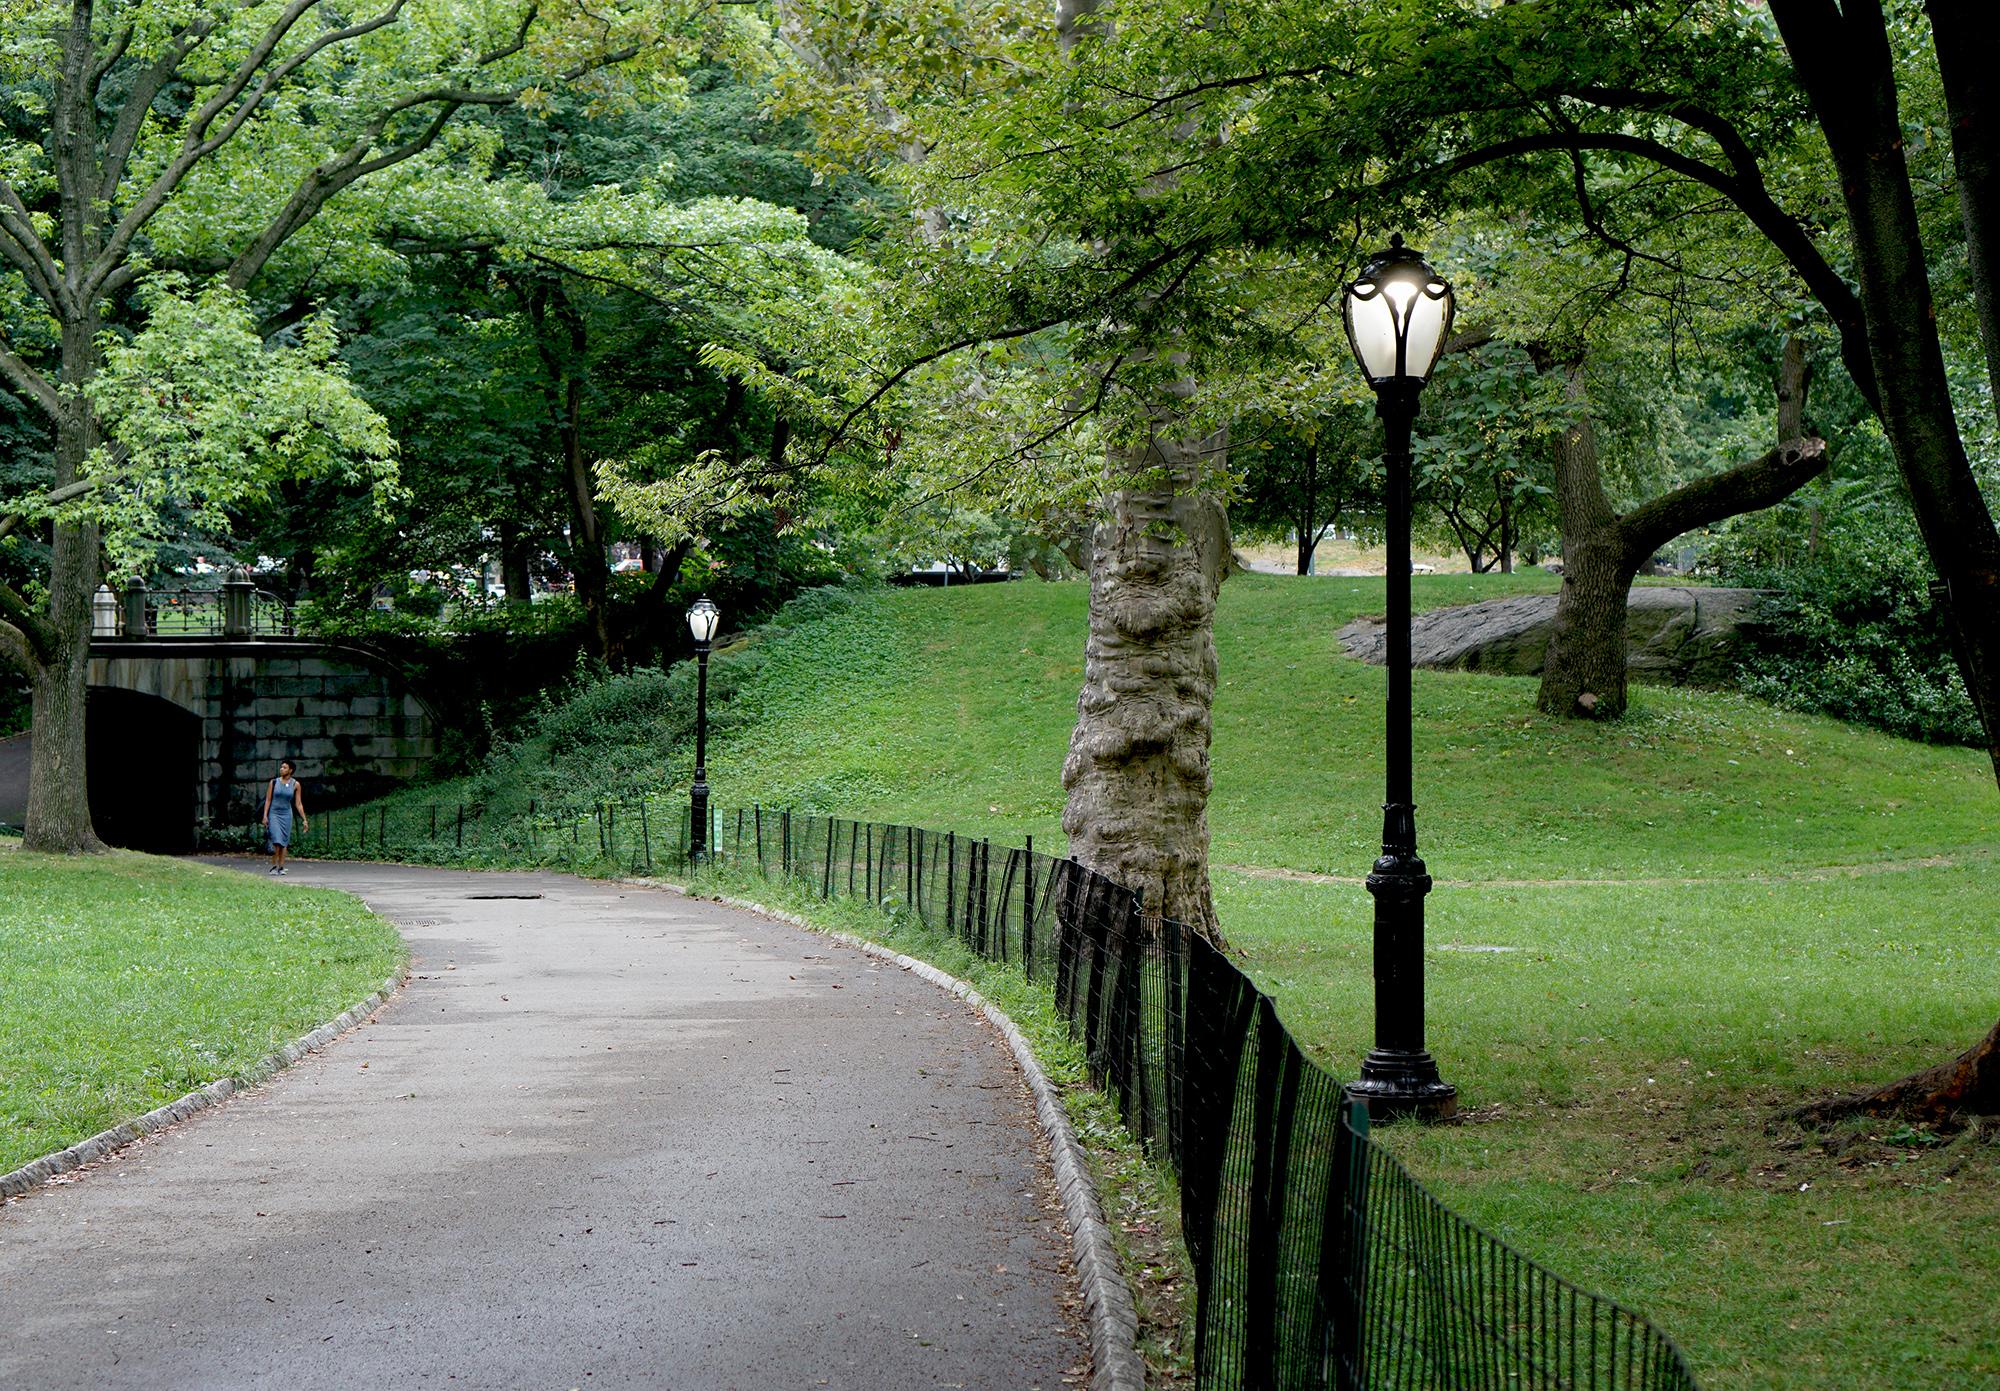 Walking through Central Park / Darker than Green